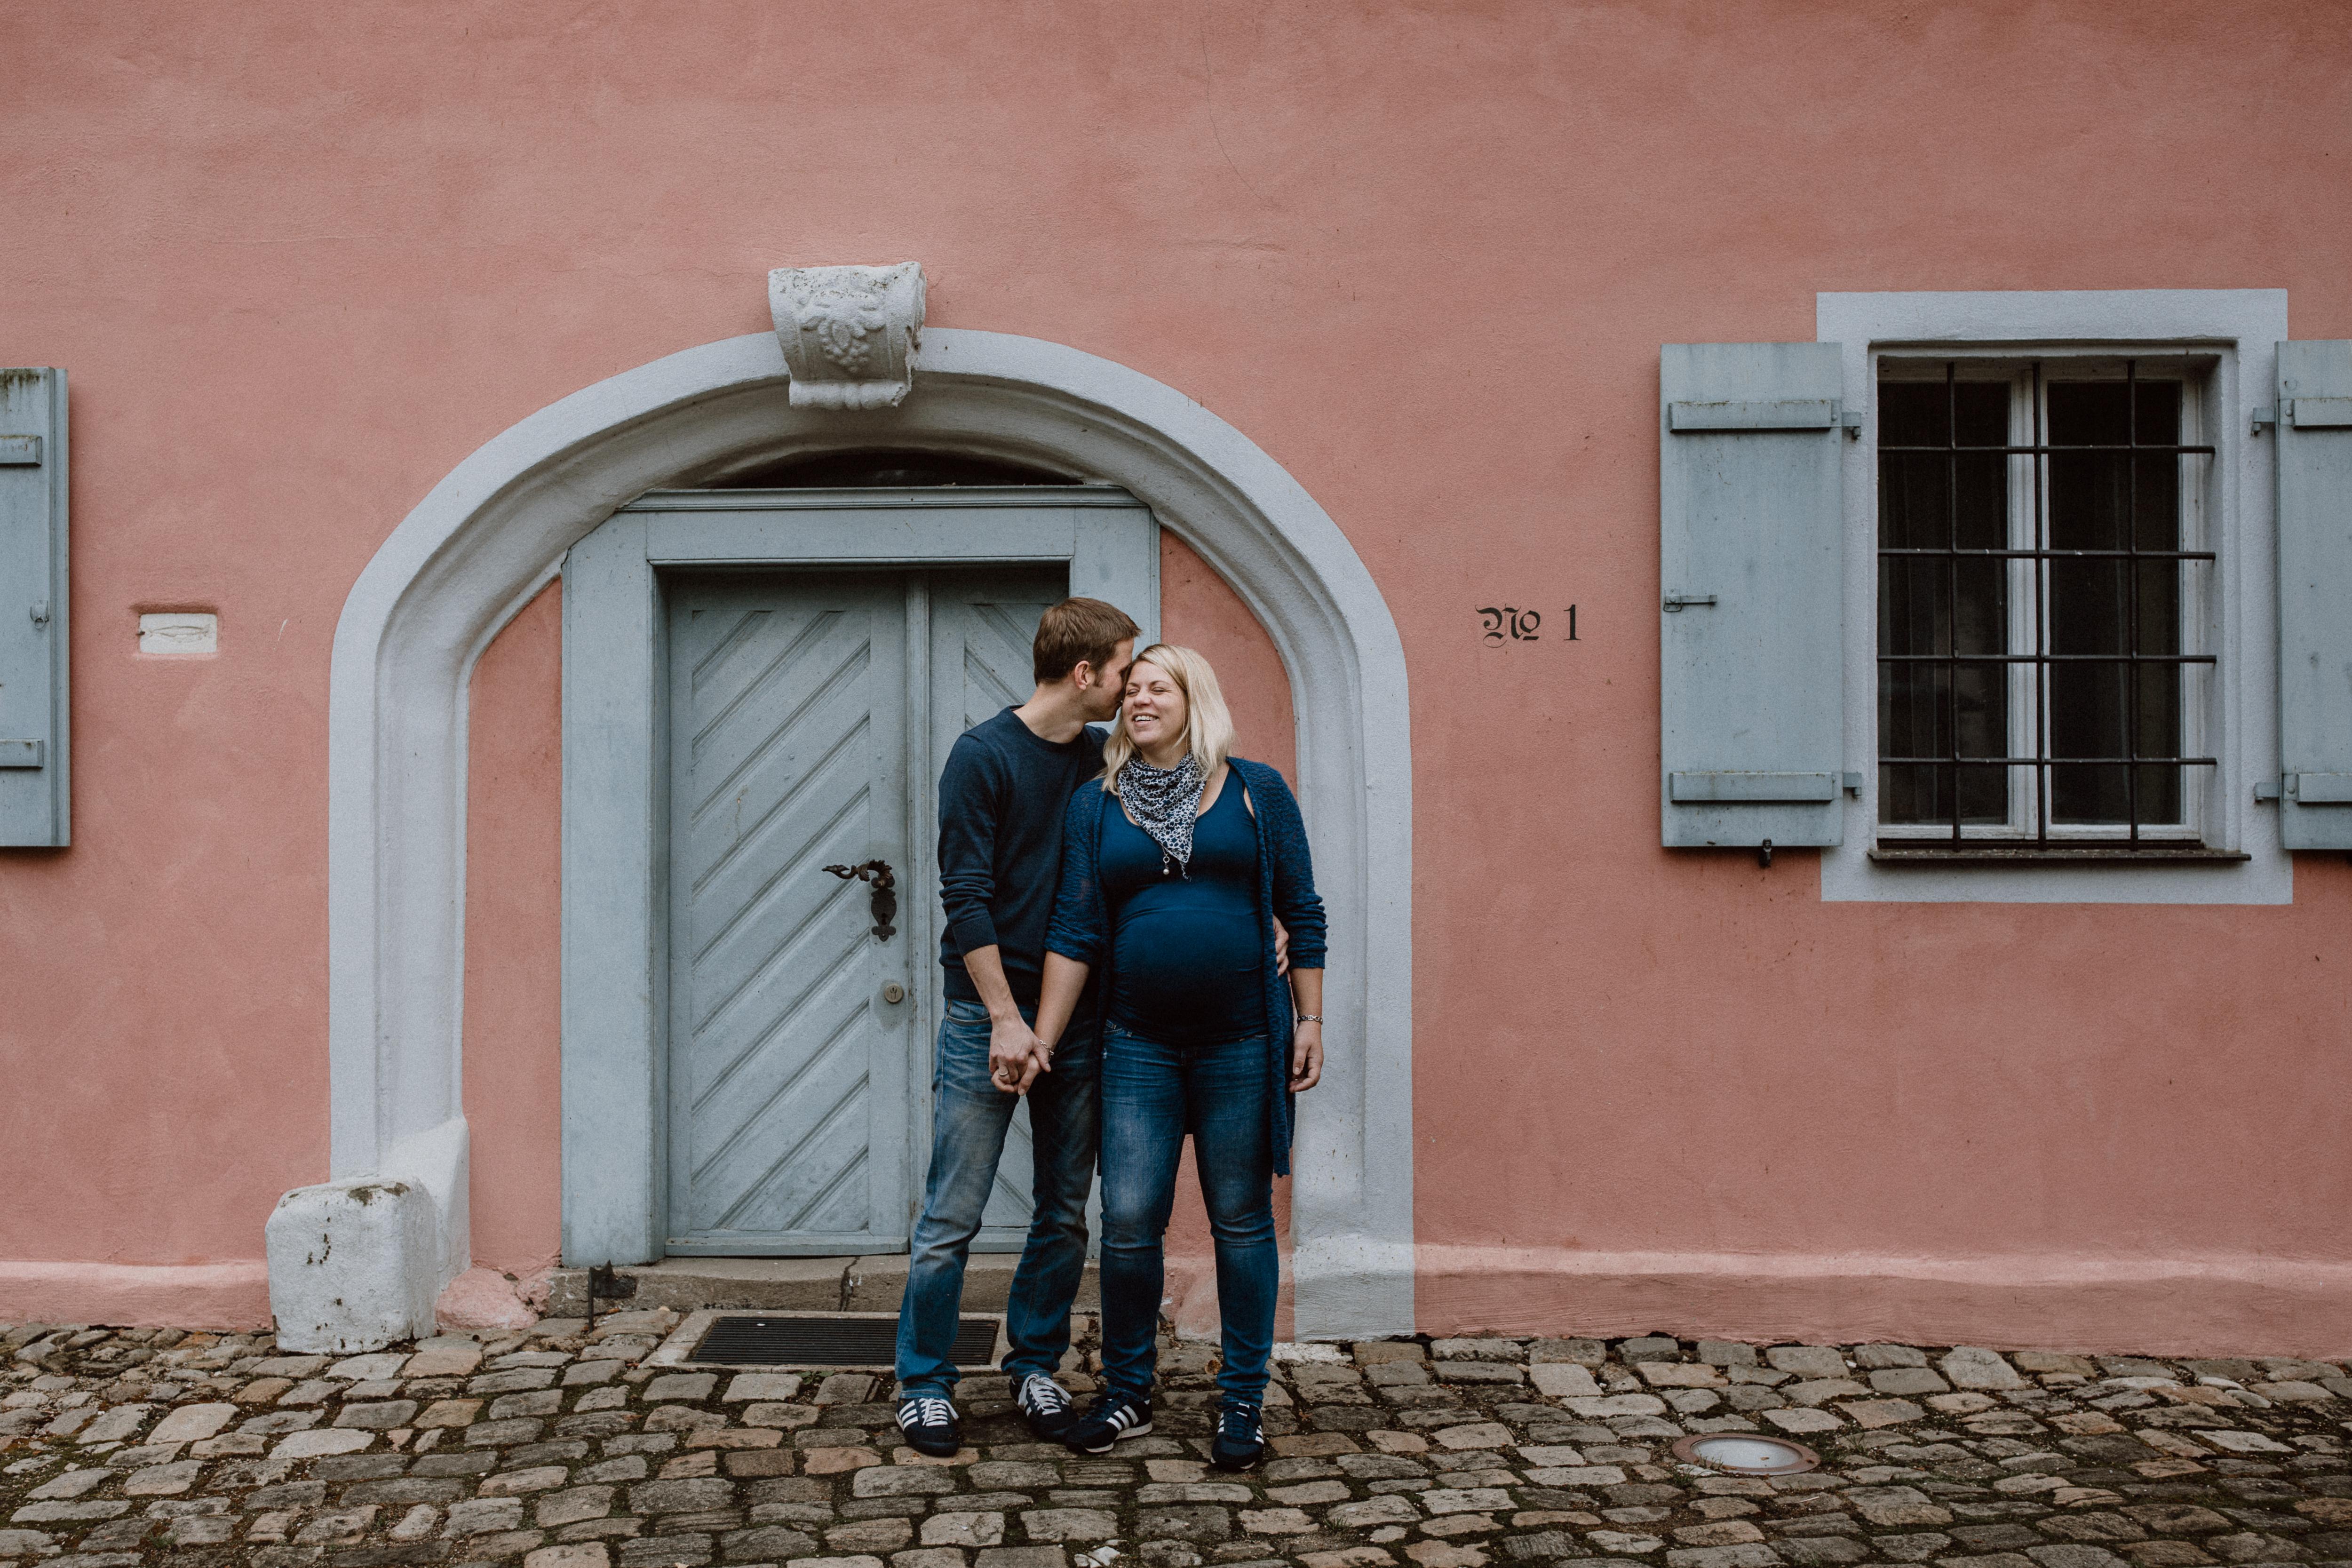 URBANERIE_Daniela_Goth_Fotografin_Nürnberg_Fürth_Erlangen_Schwabach_17902_001_0161